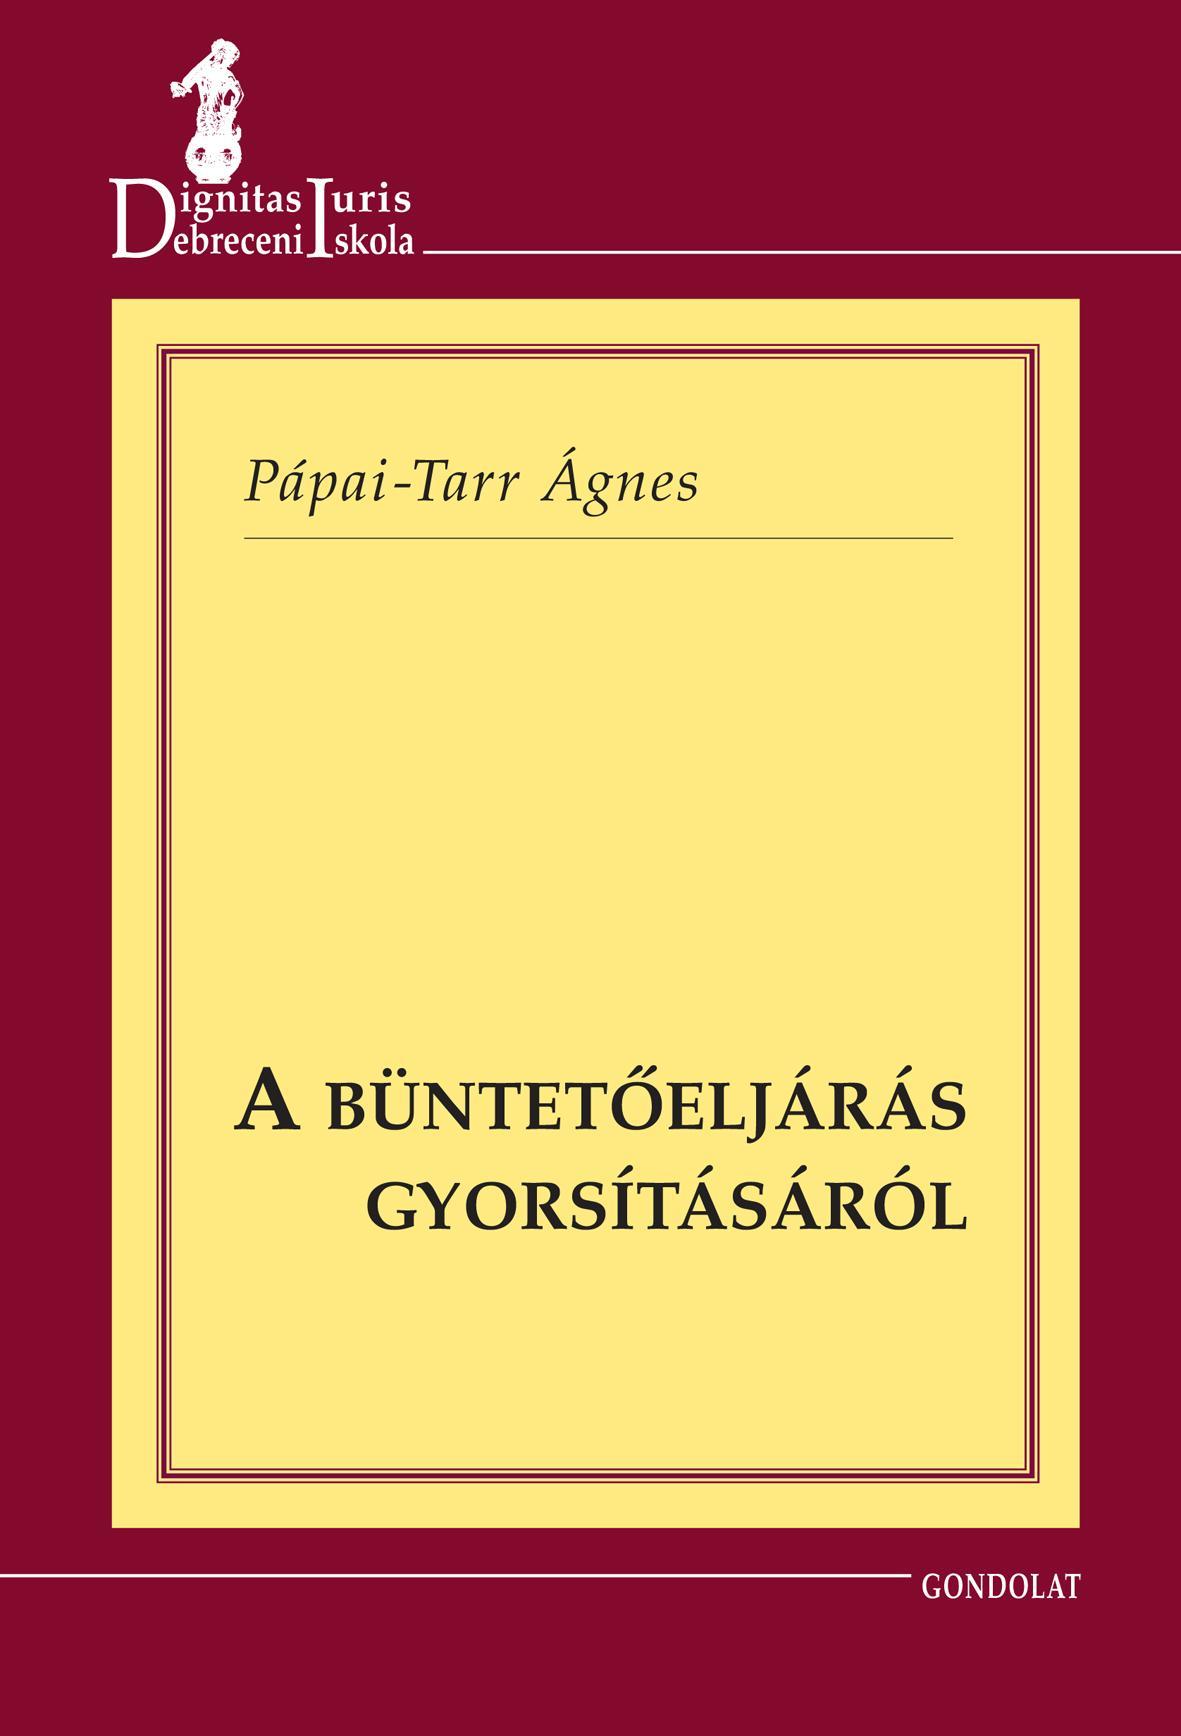 A BÜNTETŐELJÁRÁS GYORSÍTÁSÁRÓL